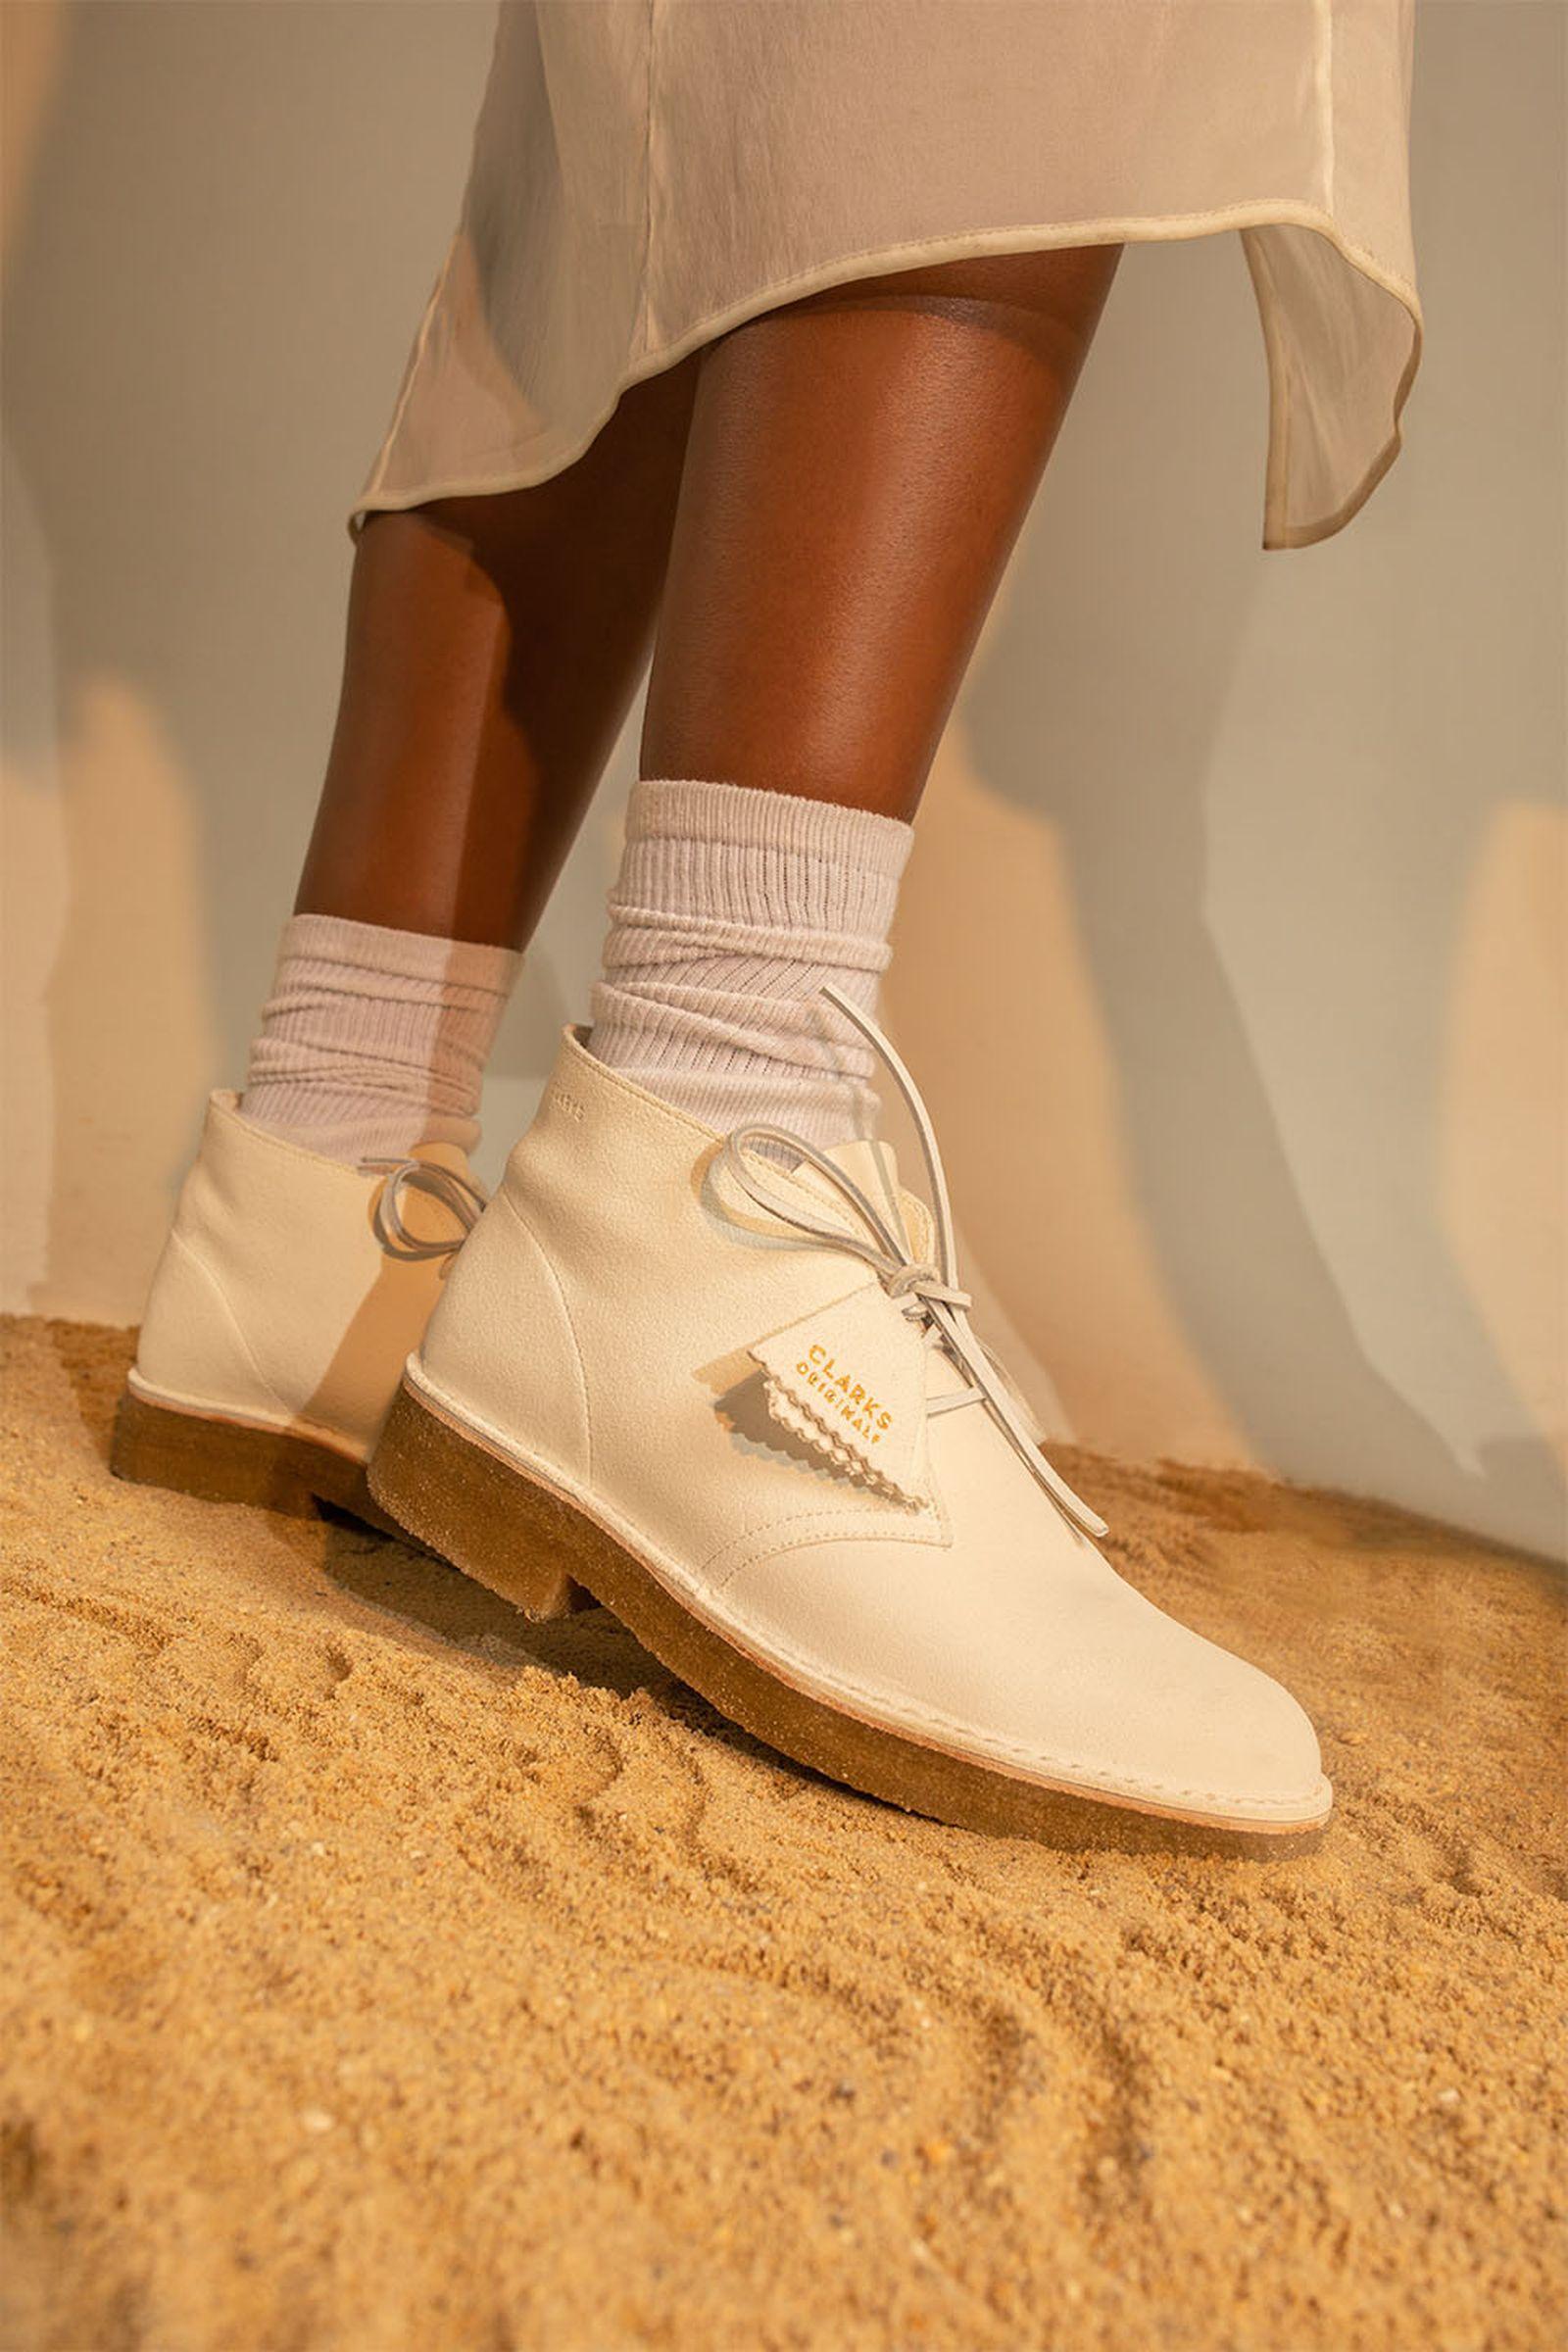 clarks-desert-boot-221-08